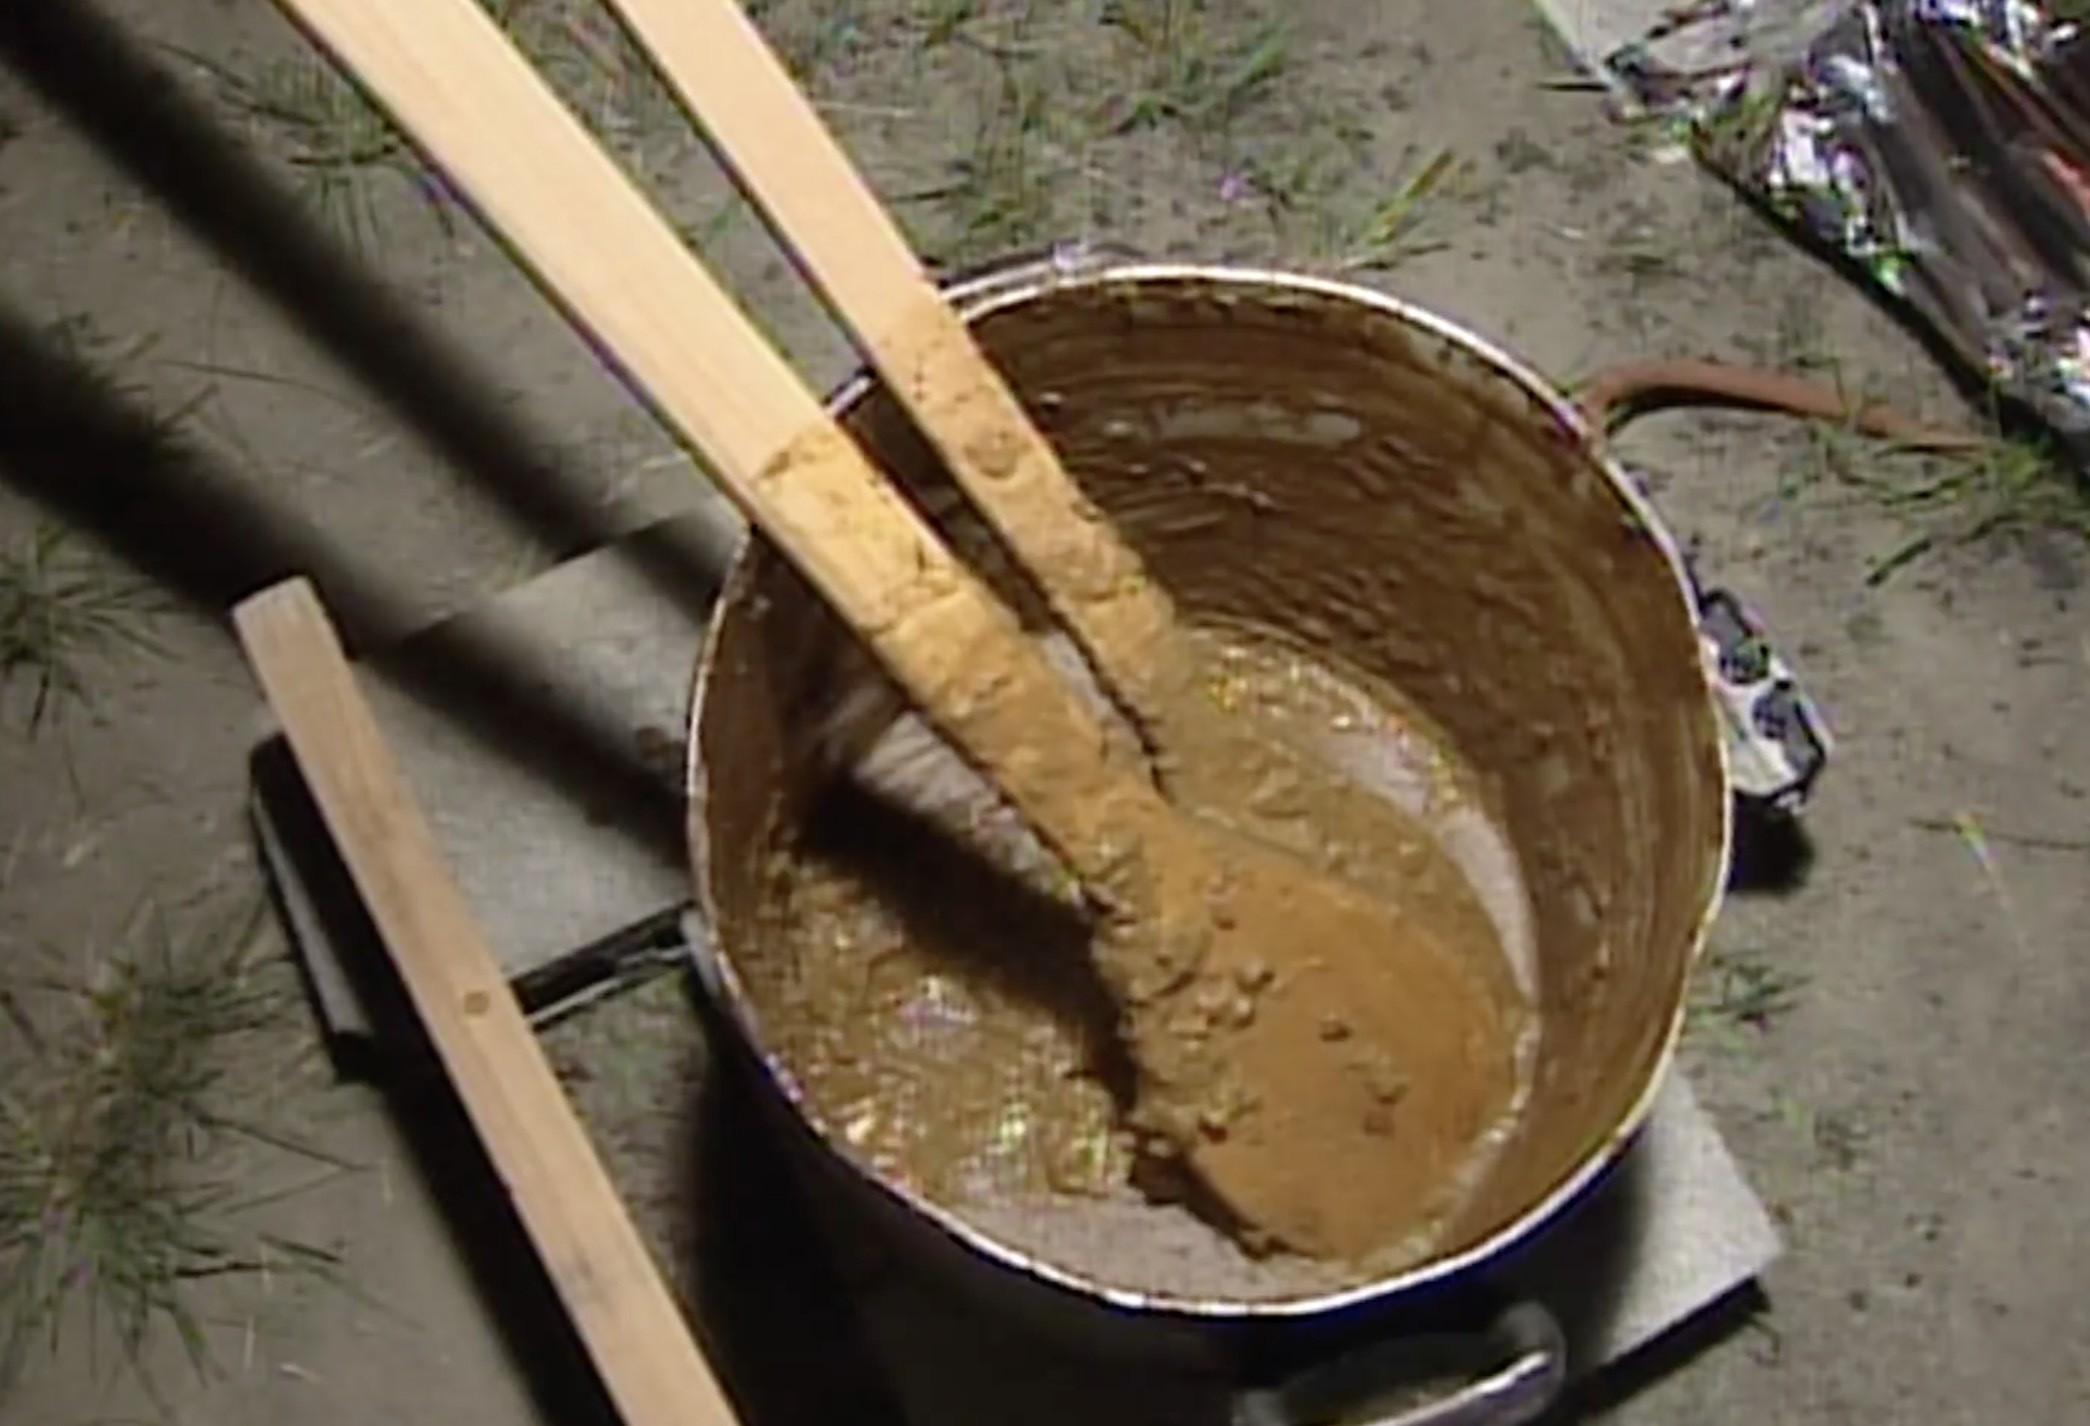 和歌山毒物カレー事件で67人が毒物嘔吐など4人が死亡した事件で林真須美が犯人と特定された